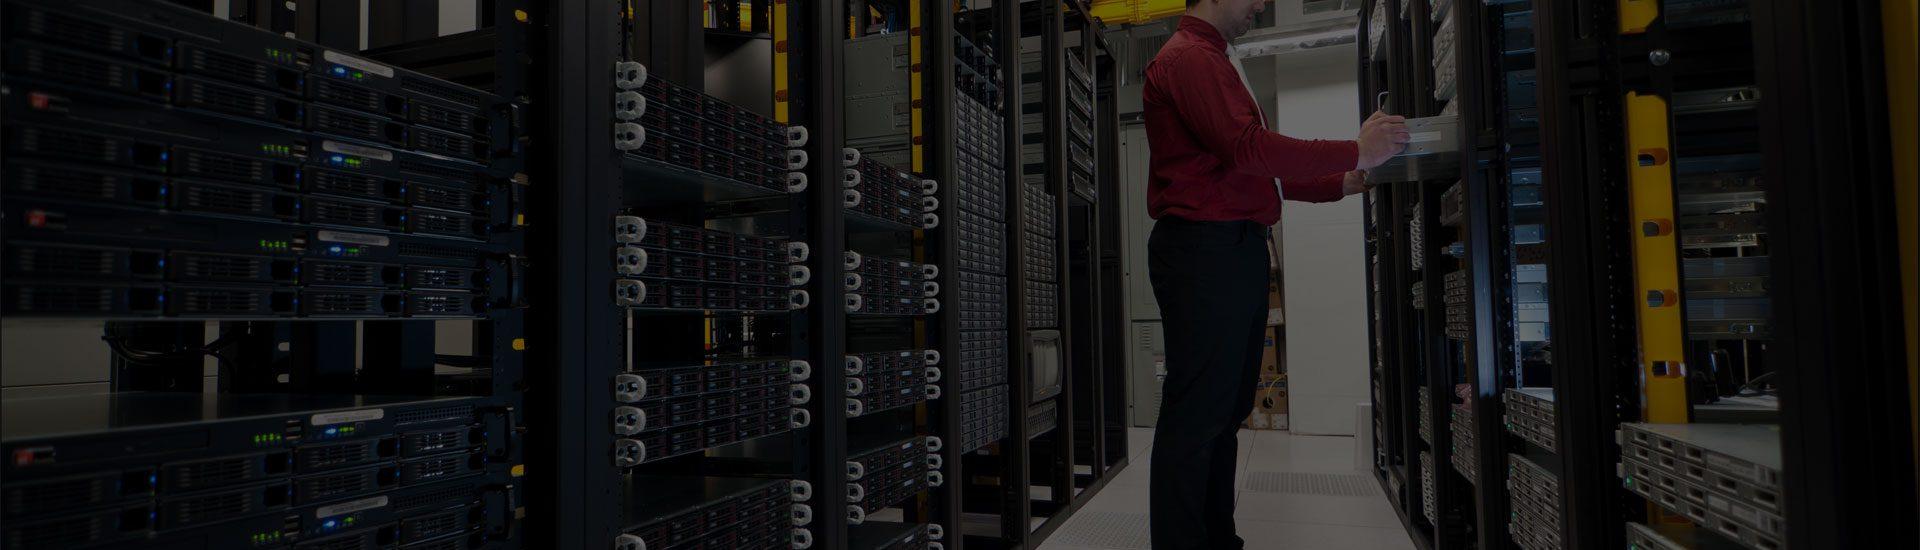 Không gian hạ tầng Trung tâm dữ liệu – DATA CENTER